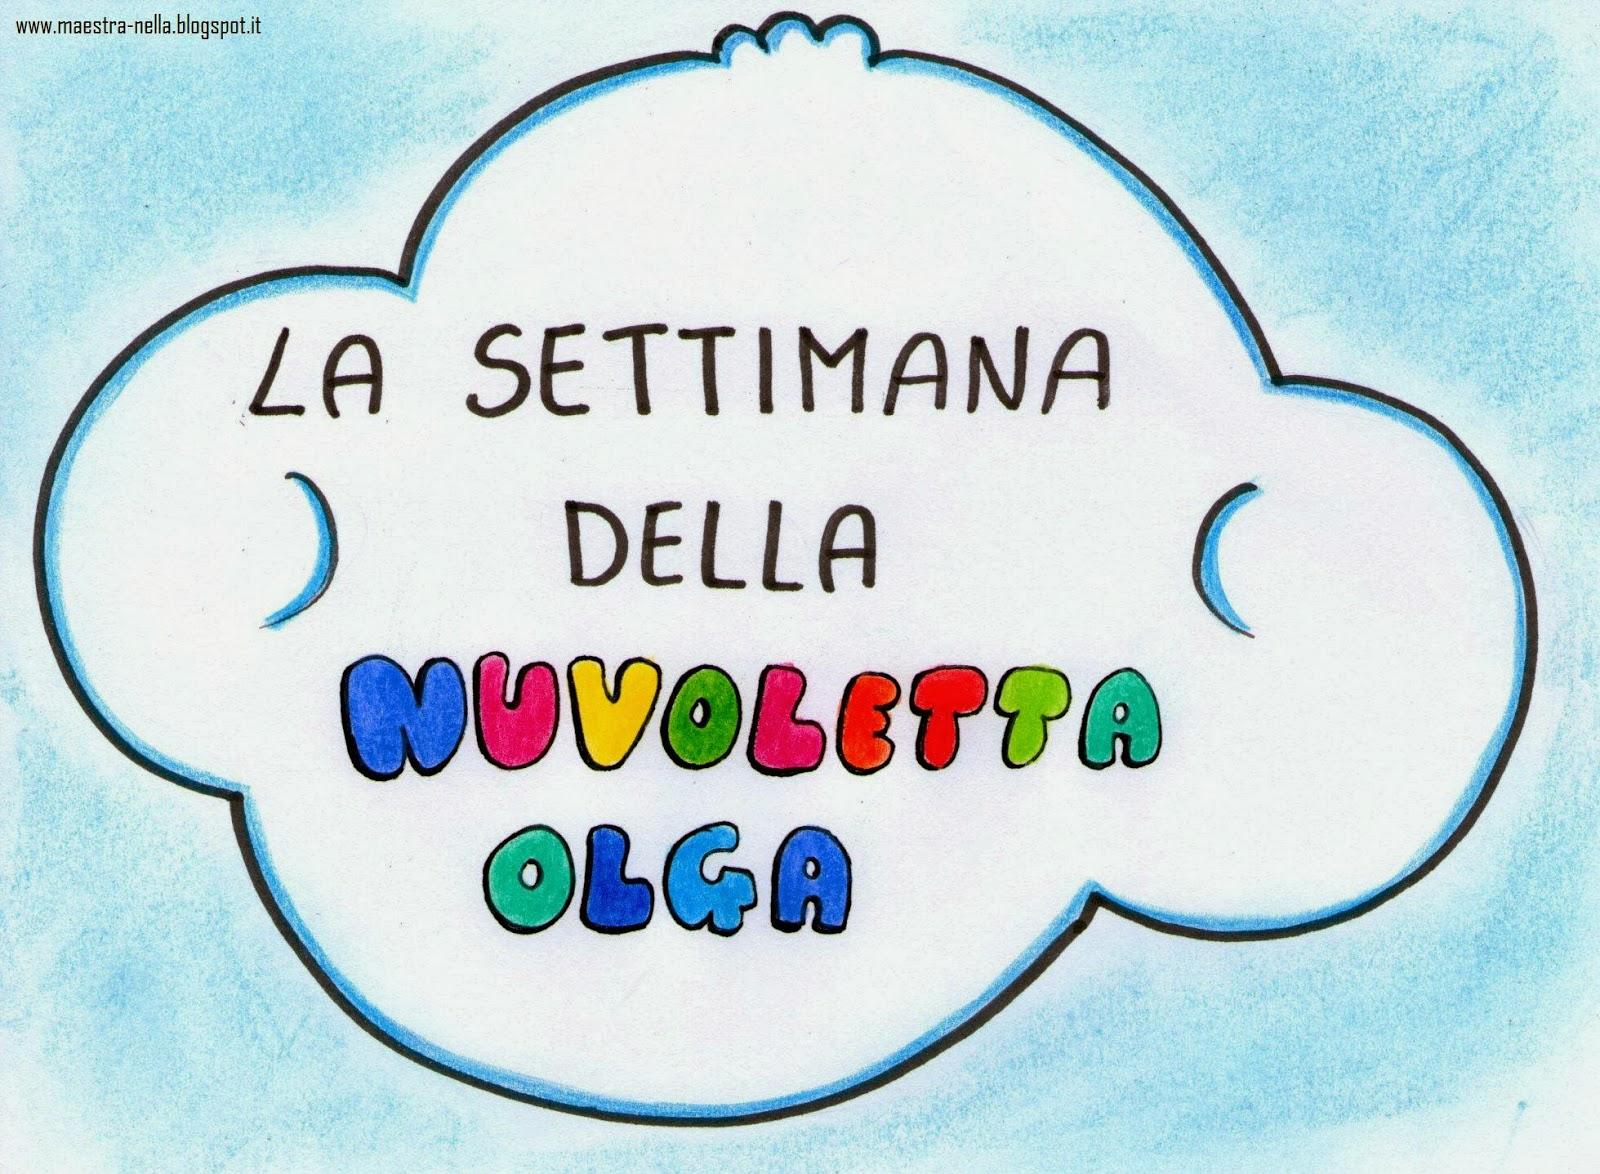 Conosciuto maestra Nella: La settimana della nuvoletta Olga CV47